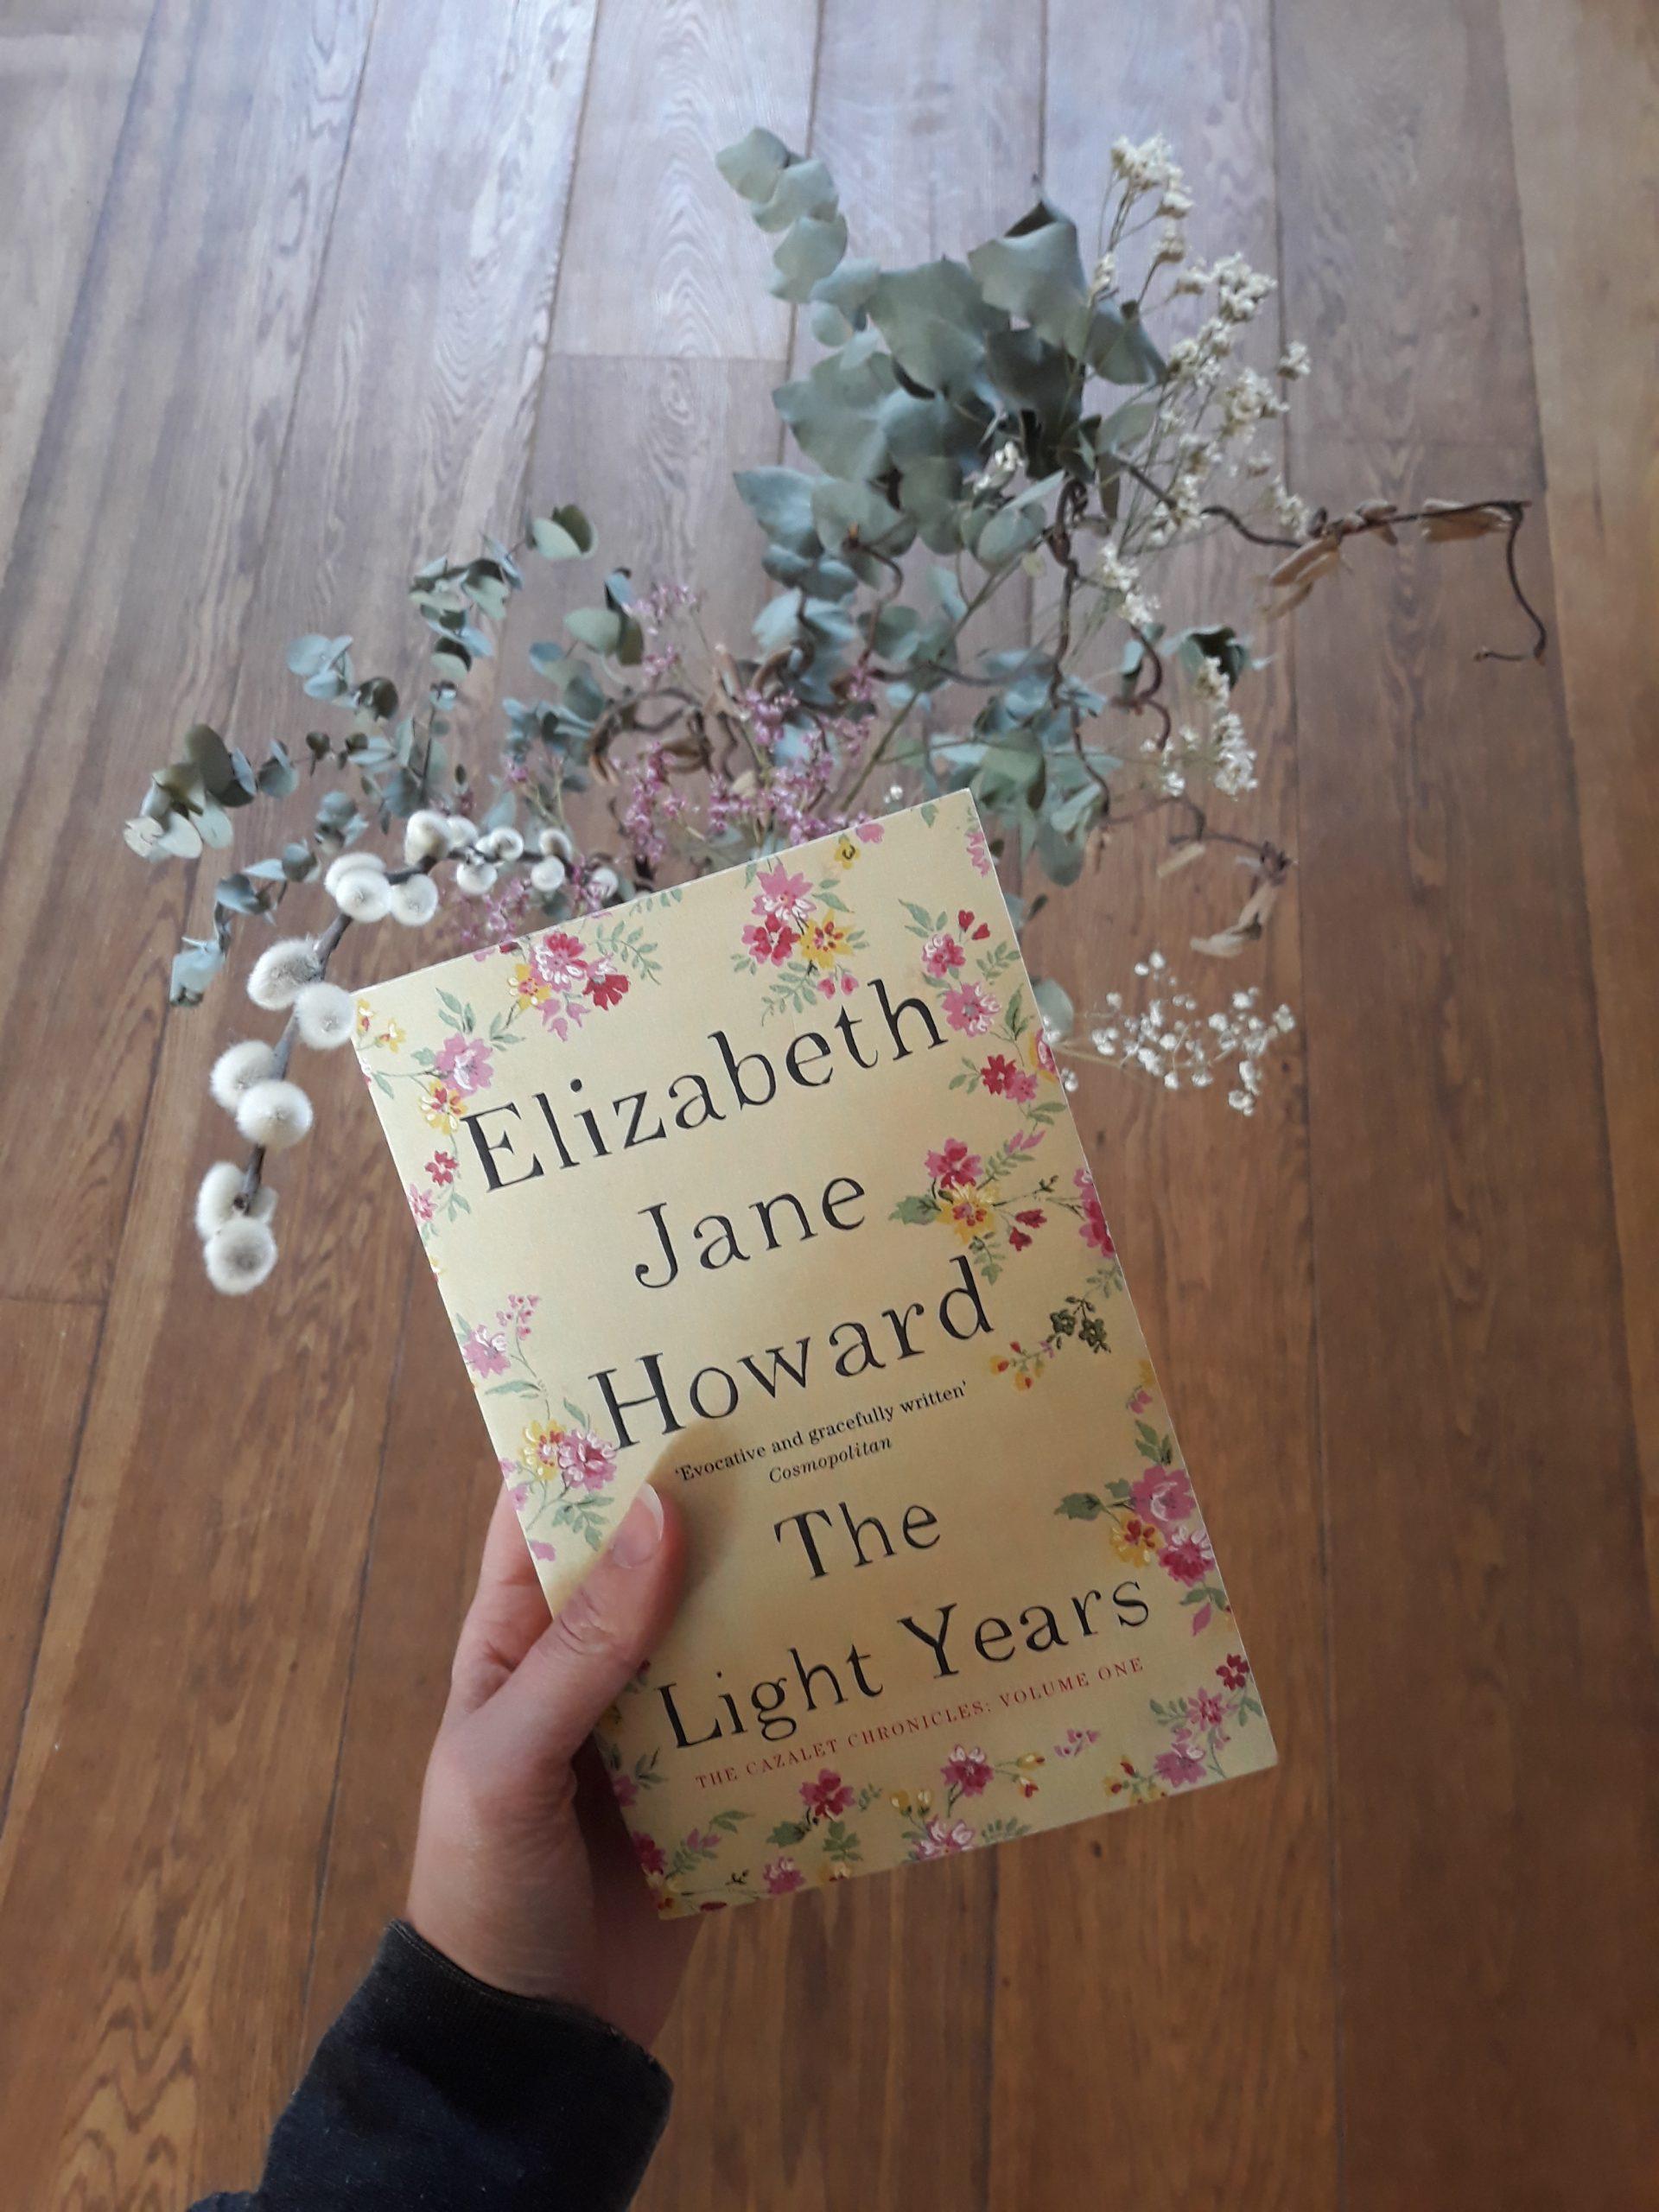 Boekrecensie: The Light Years – Elizabeth Jane Howard